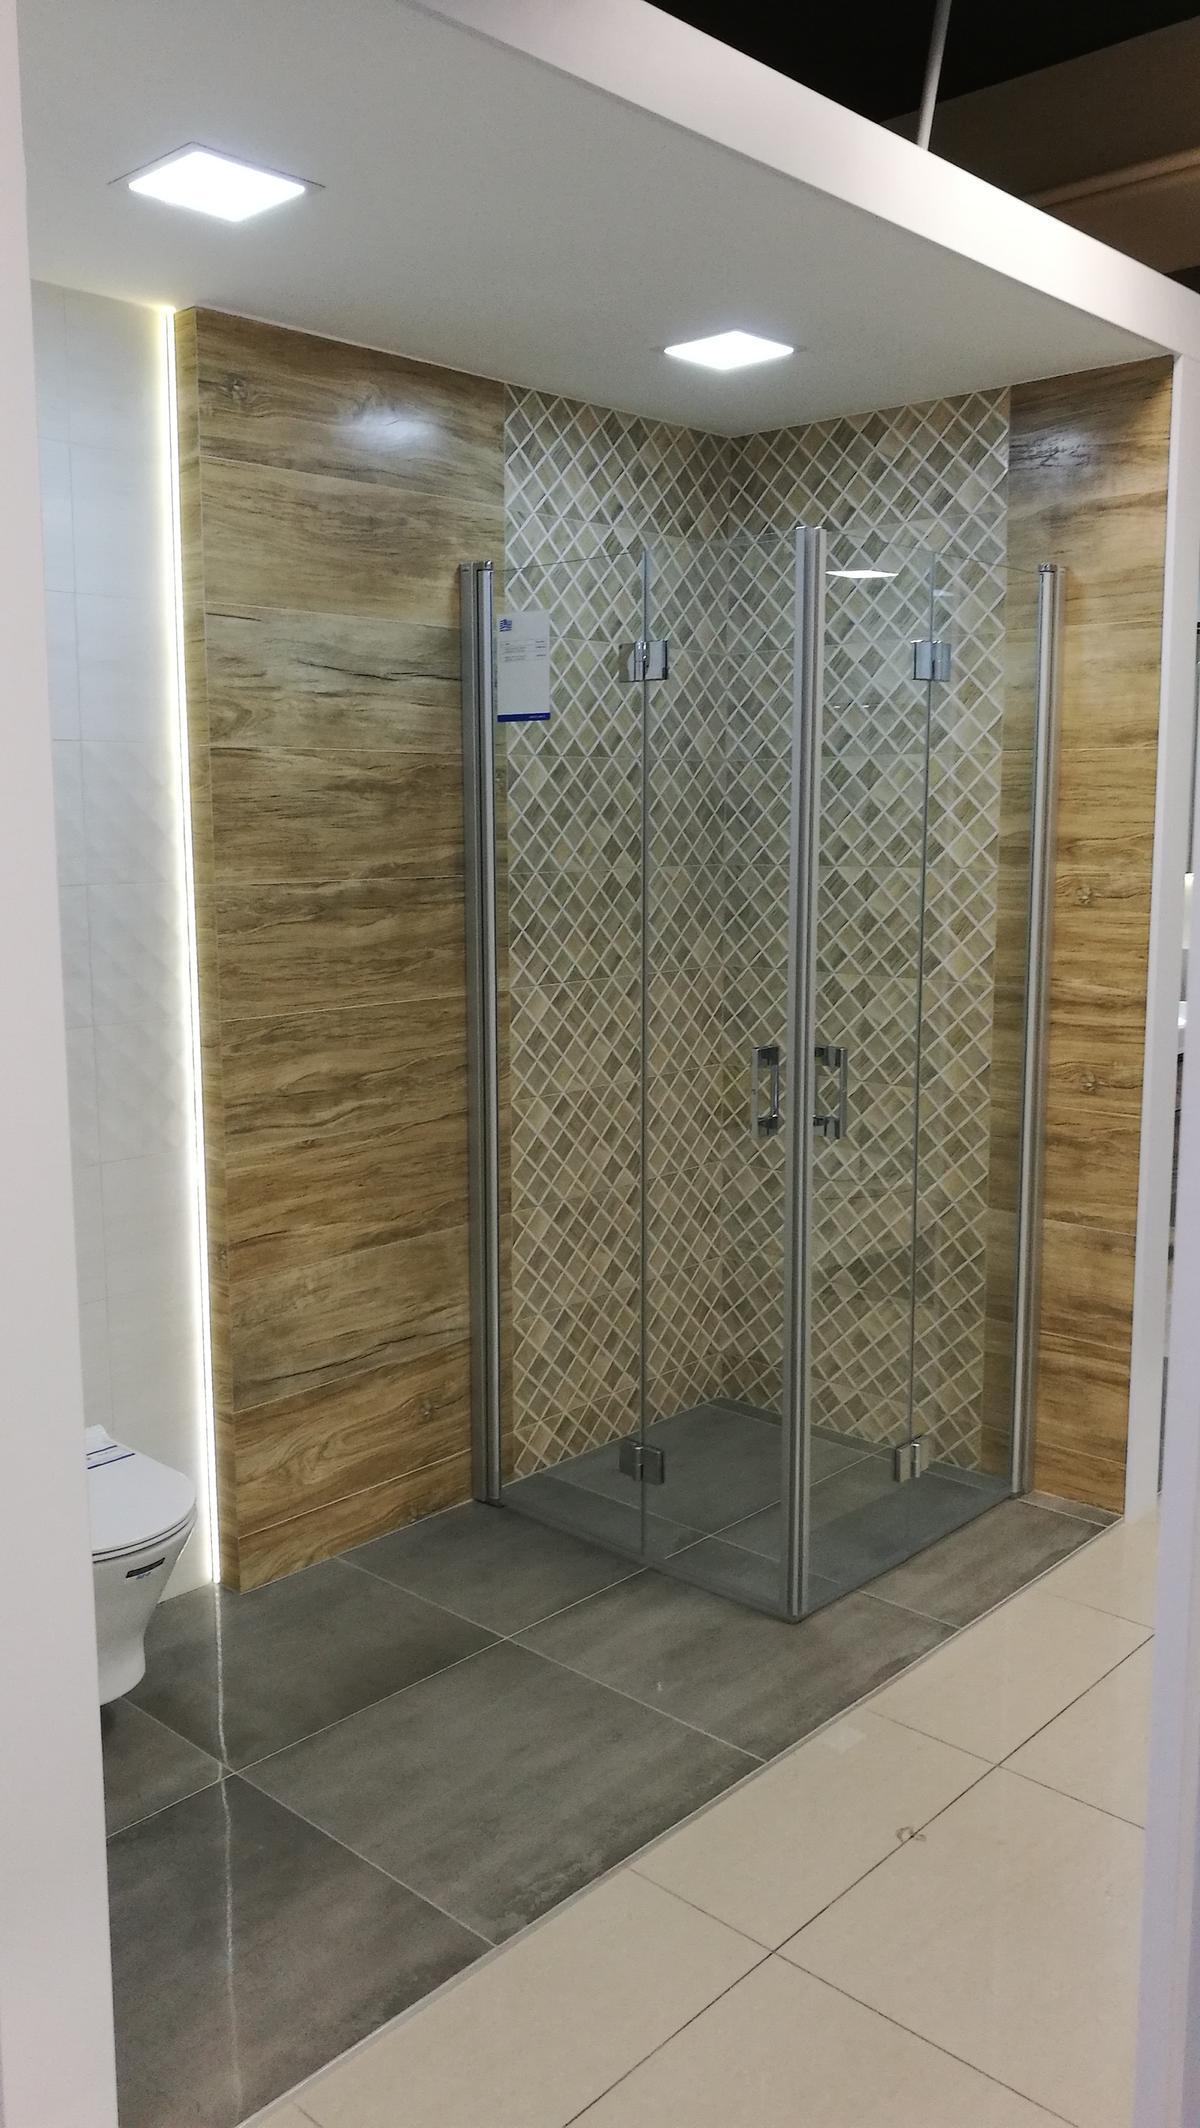 Propozycja łazienki w stylu skandynawskim - Paradyż Miracle - zdjęcie od BLU salon łazienek Siedlce